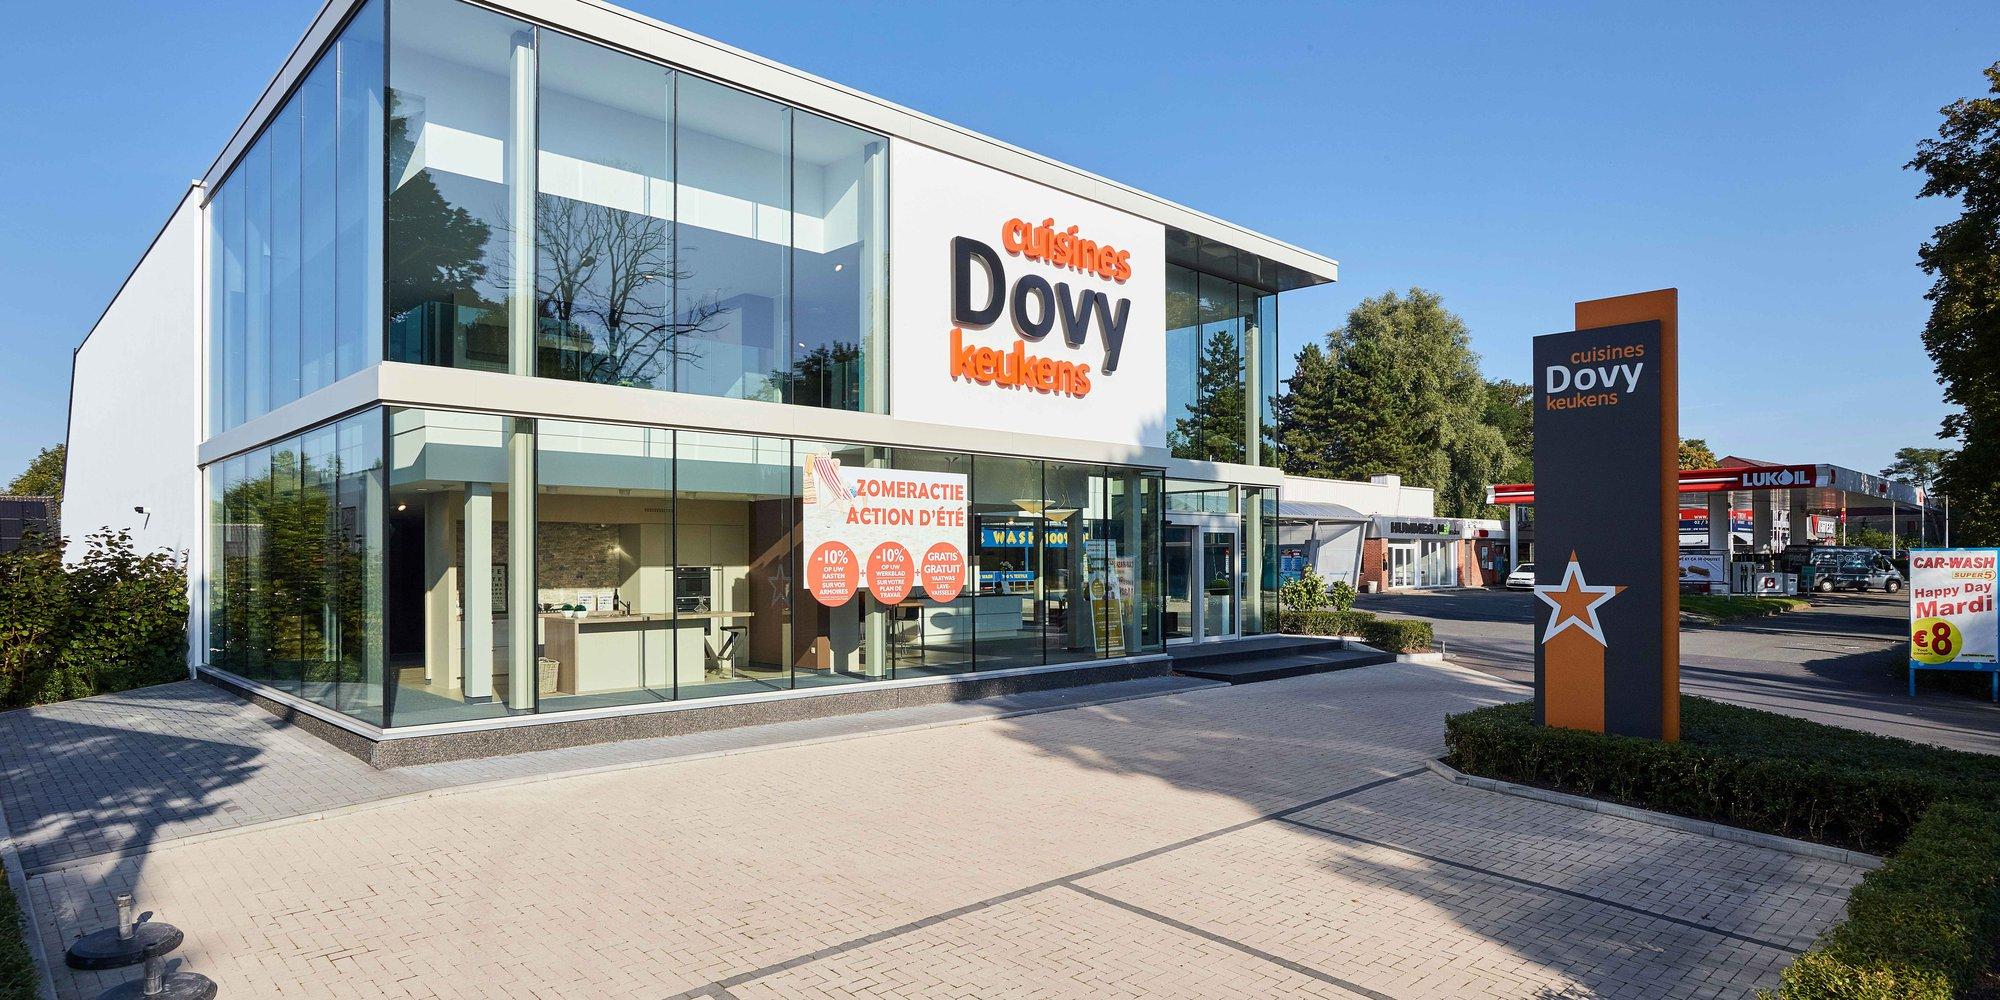 Dovy opent nieuwe toonzaal in Sint-Genesius-Rode